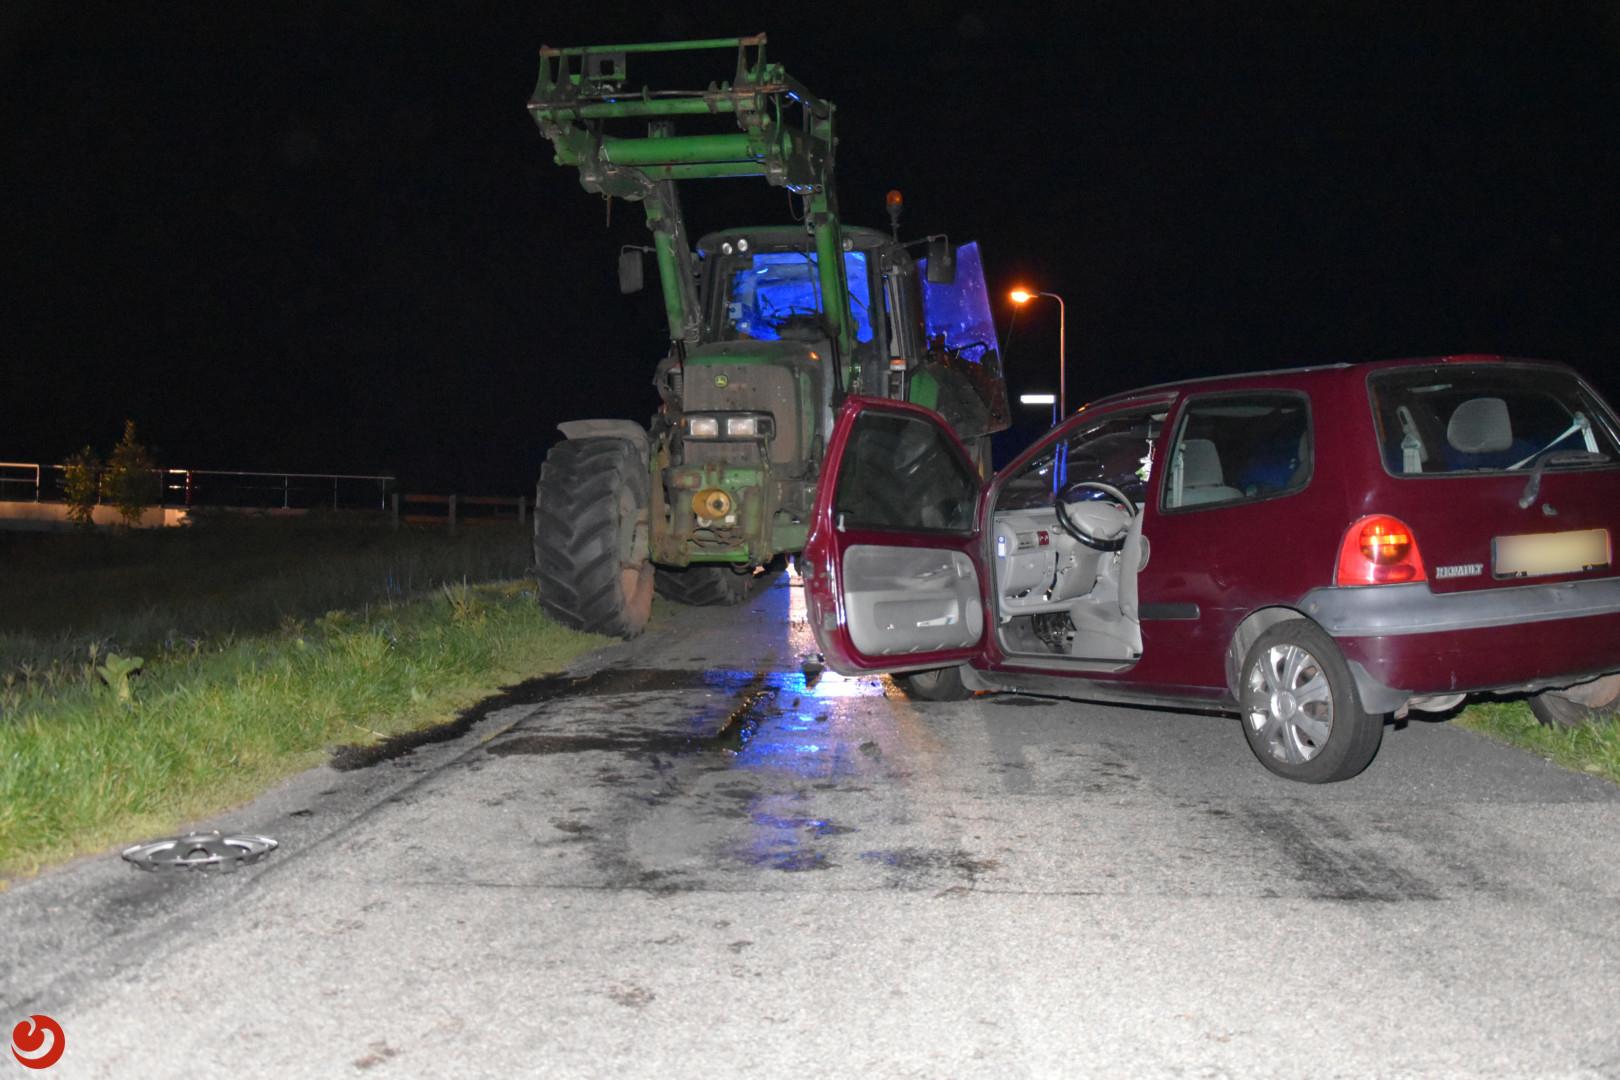 Vrouw gewond bij botsing met tractor